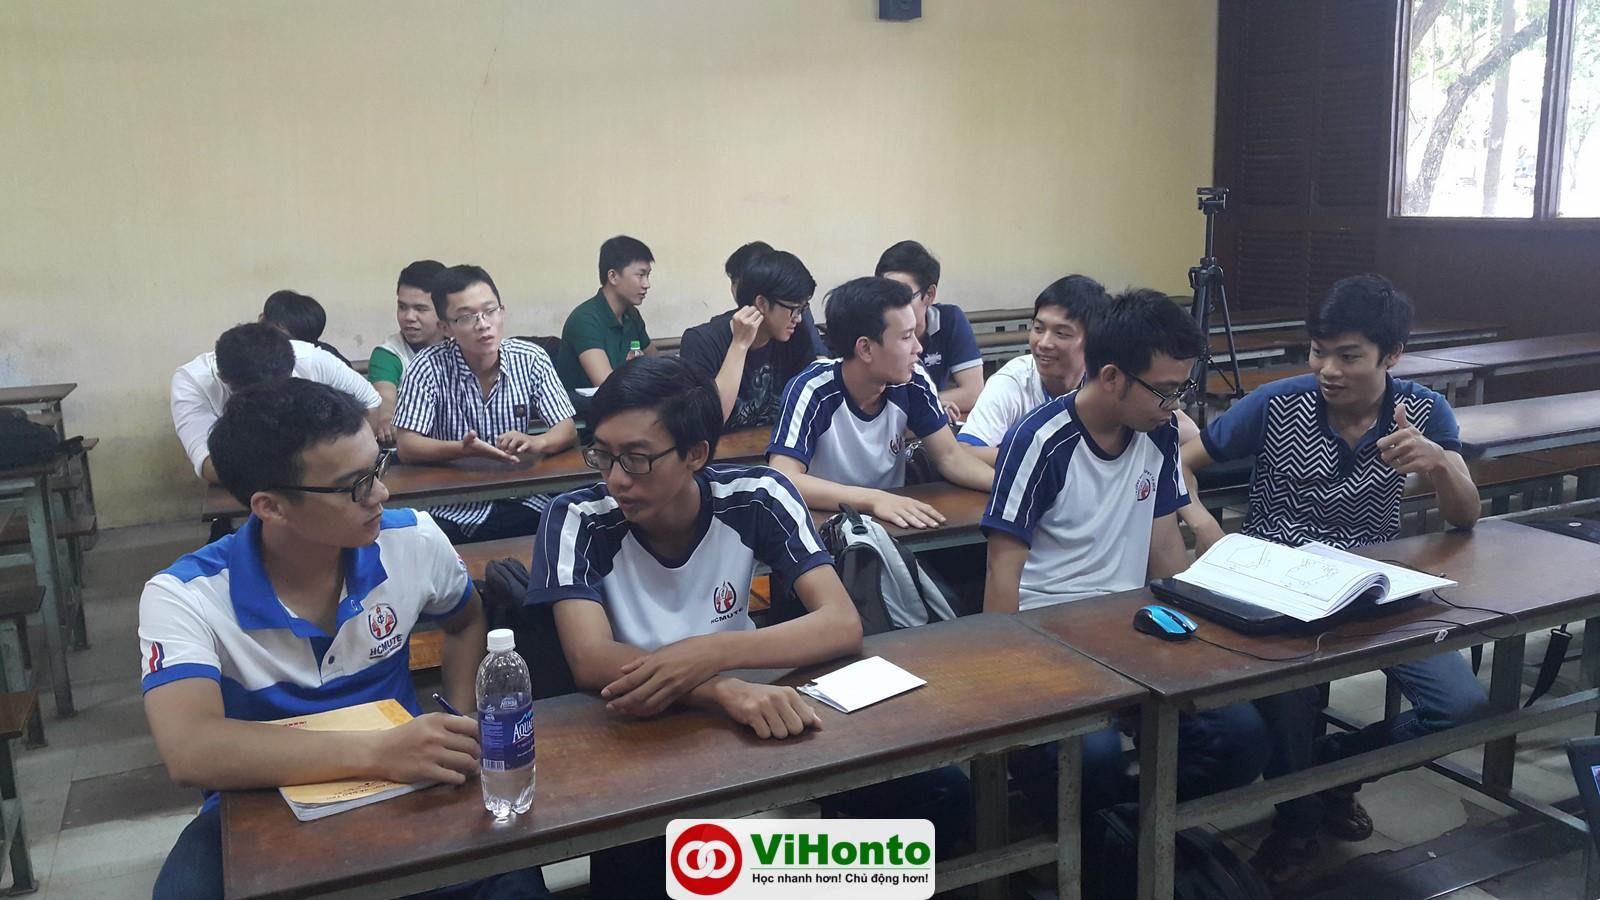 Nguyễn Hà Xuân Tám, Autocad 2d tại đà nẵng